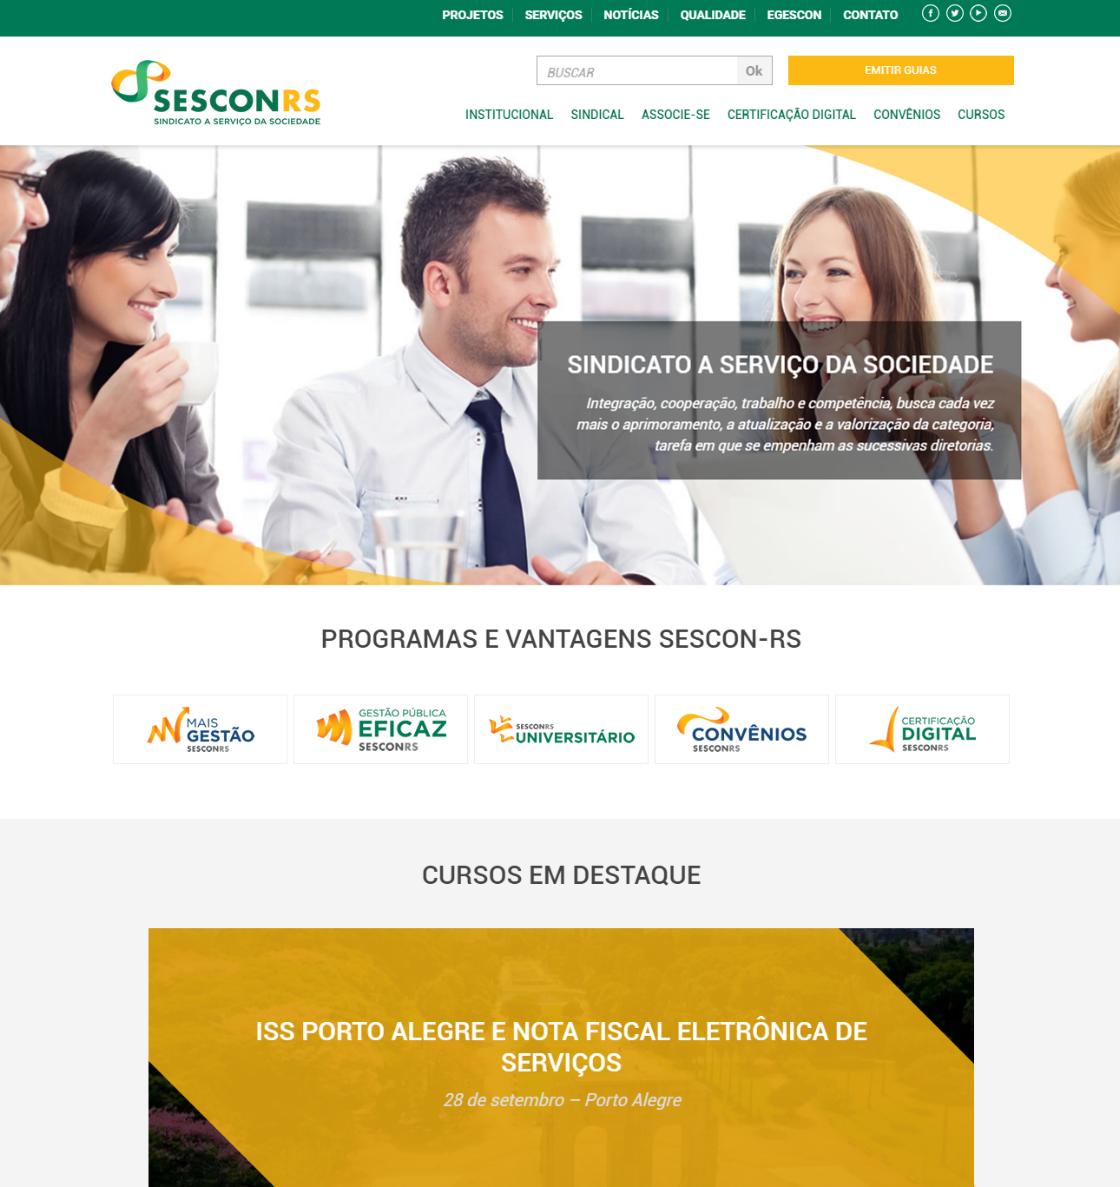 sescon_rs